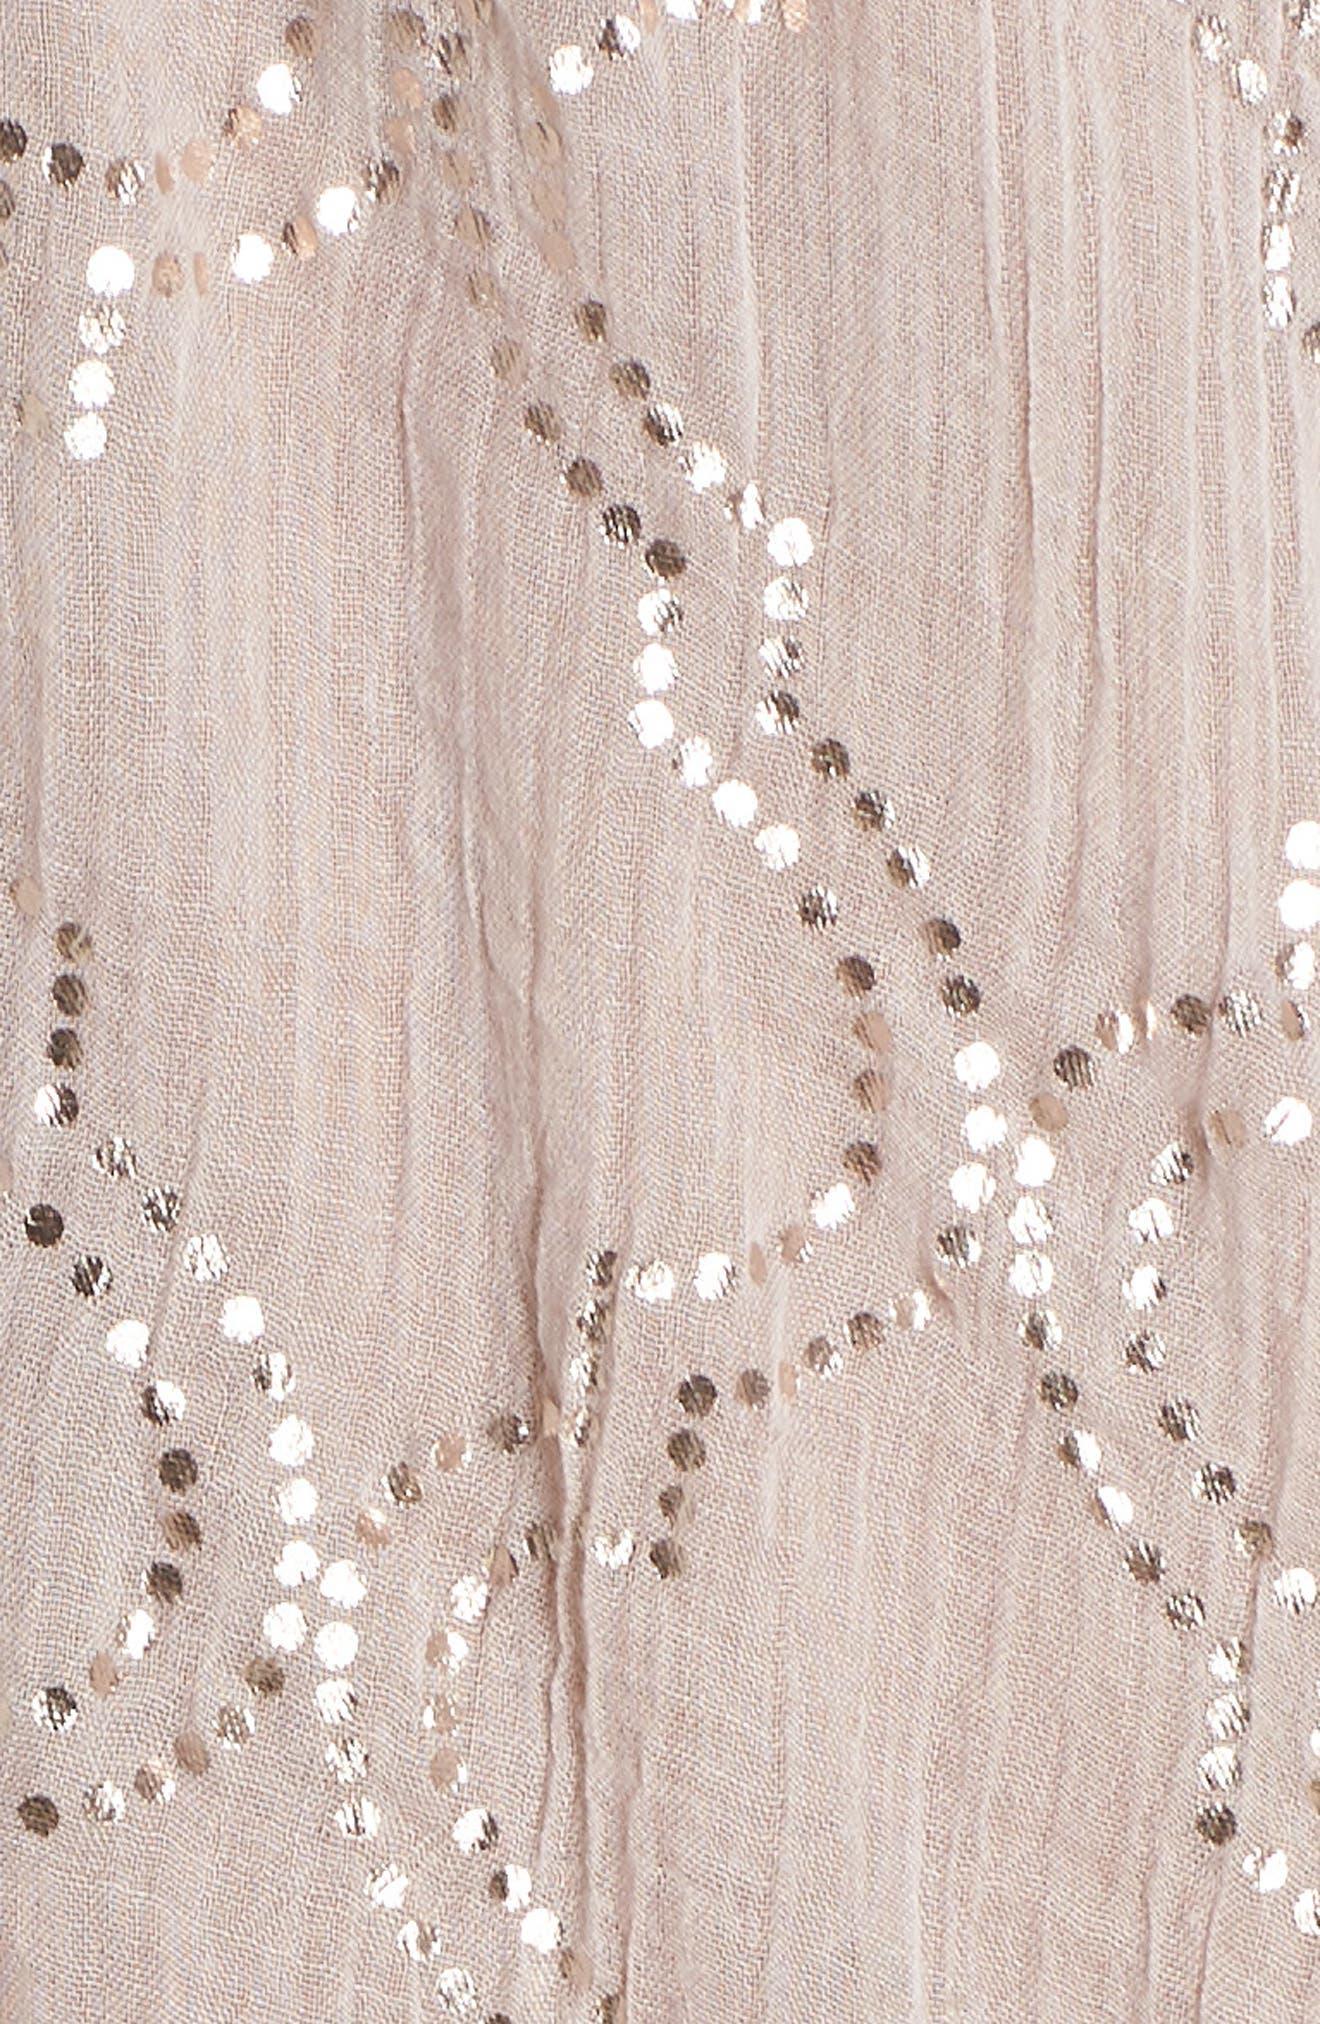 Cold Shoulder Cover-Up Dress,                             Alternate thumbnail 5, color,                             Sand